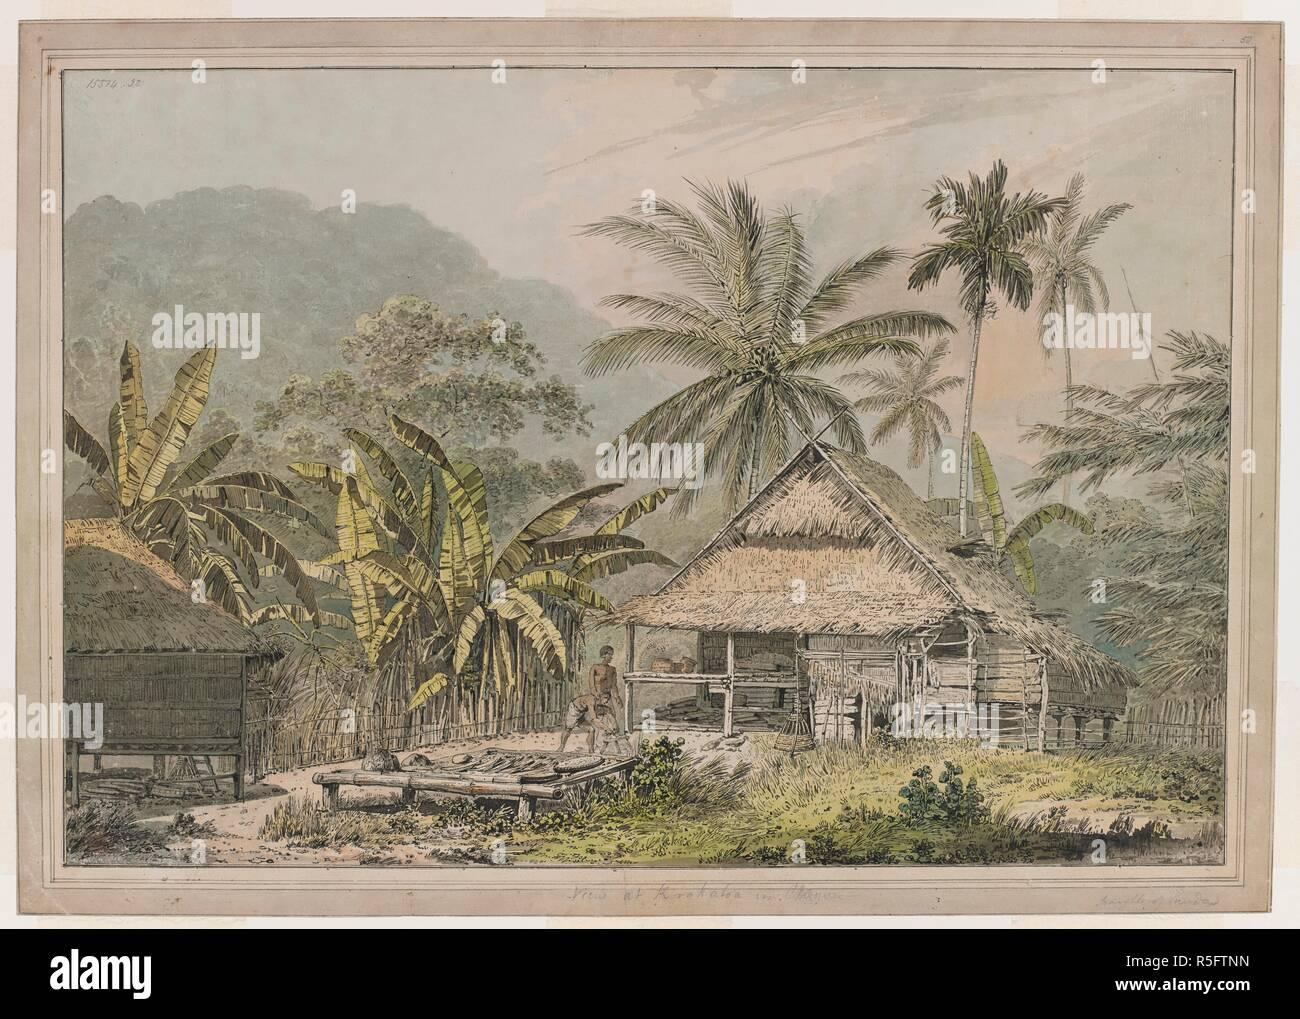 Ver En Korakatoa Ver En Krakatoa Con Choza Nativa Dos Cabañas